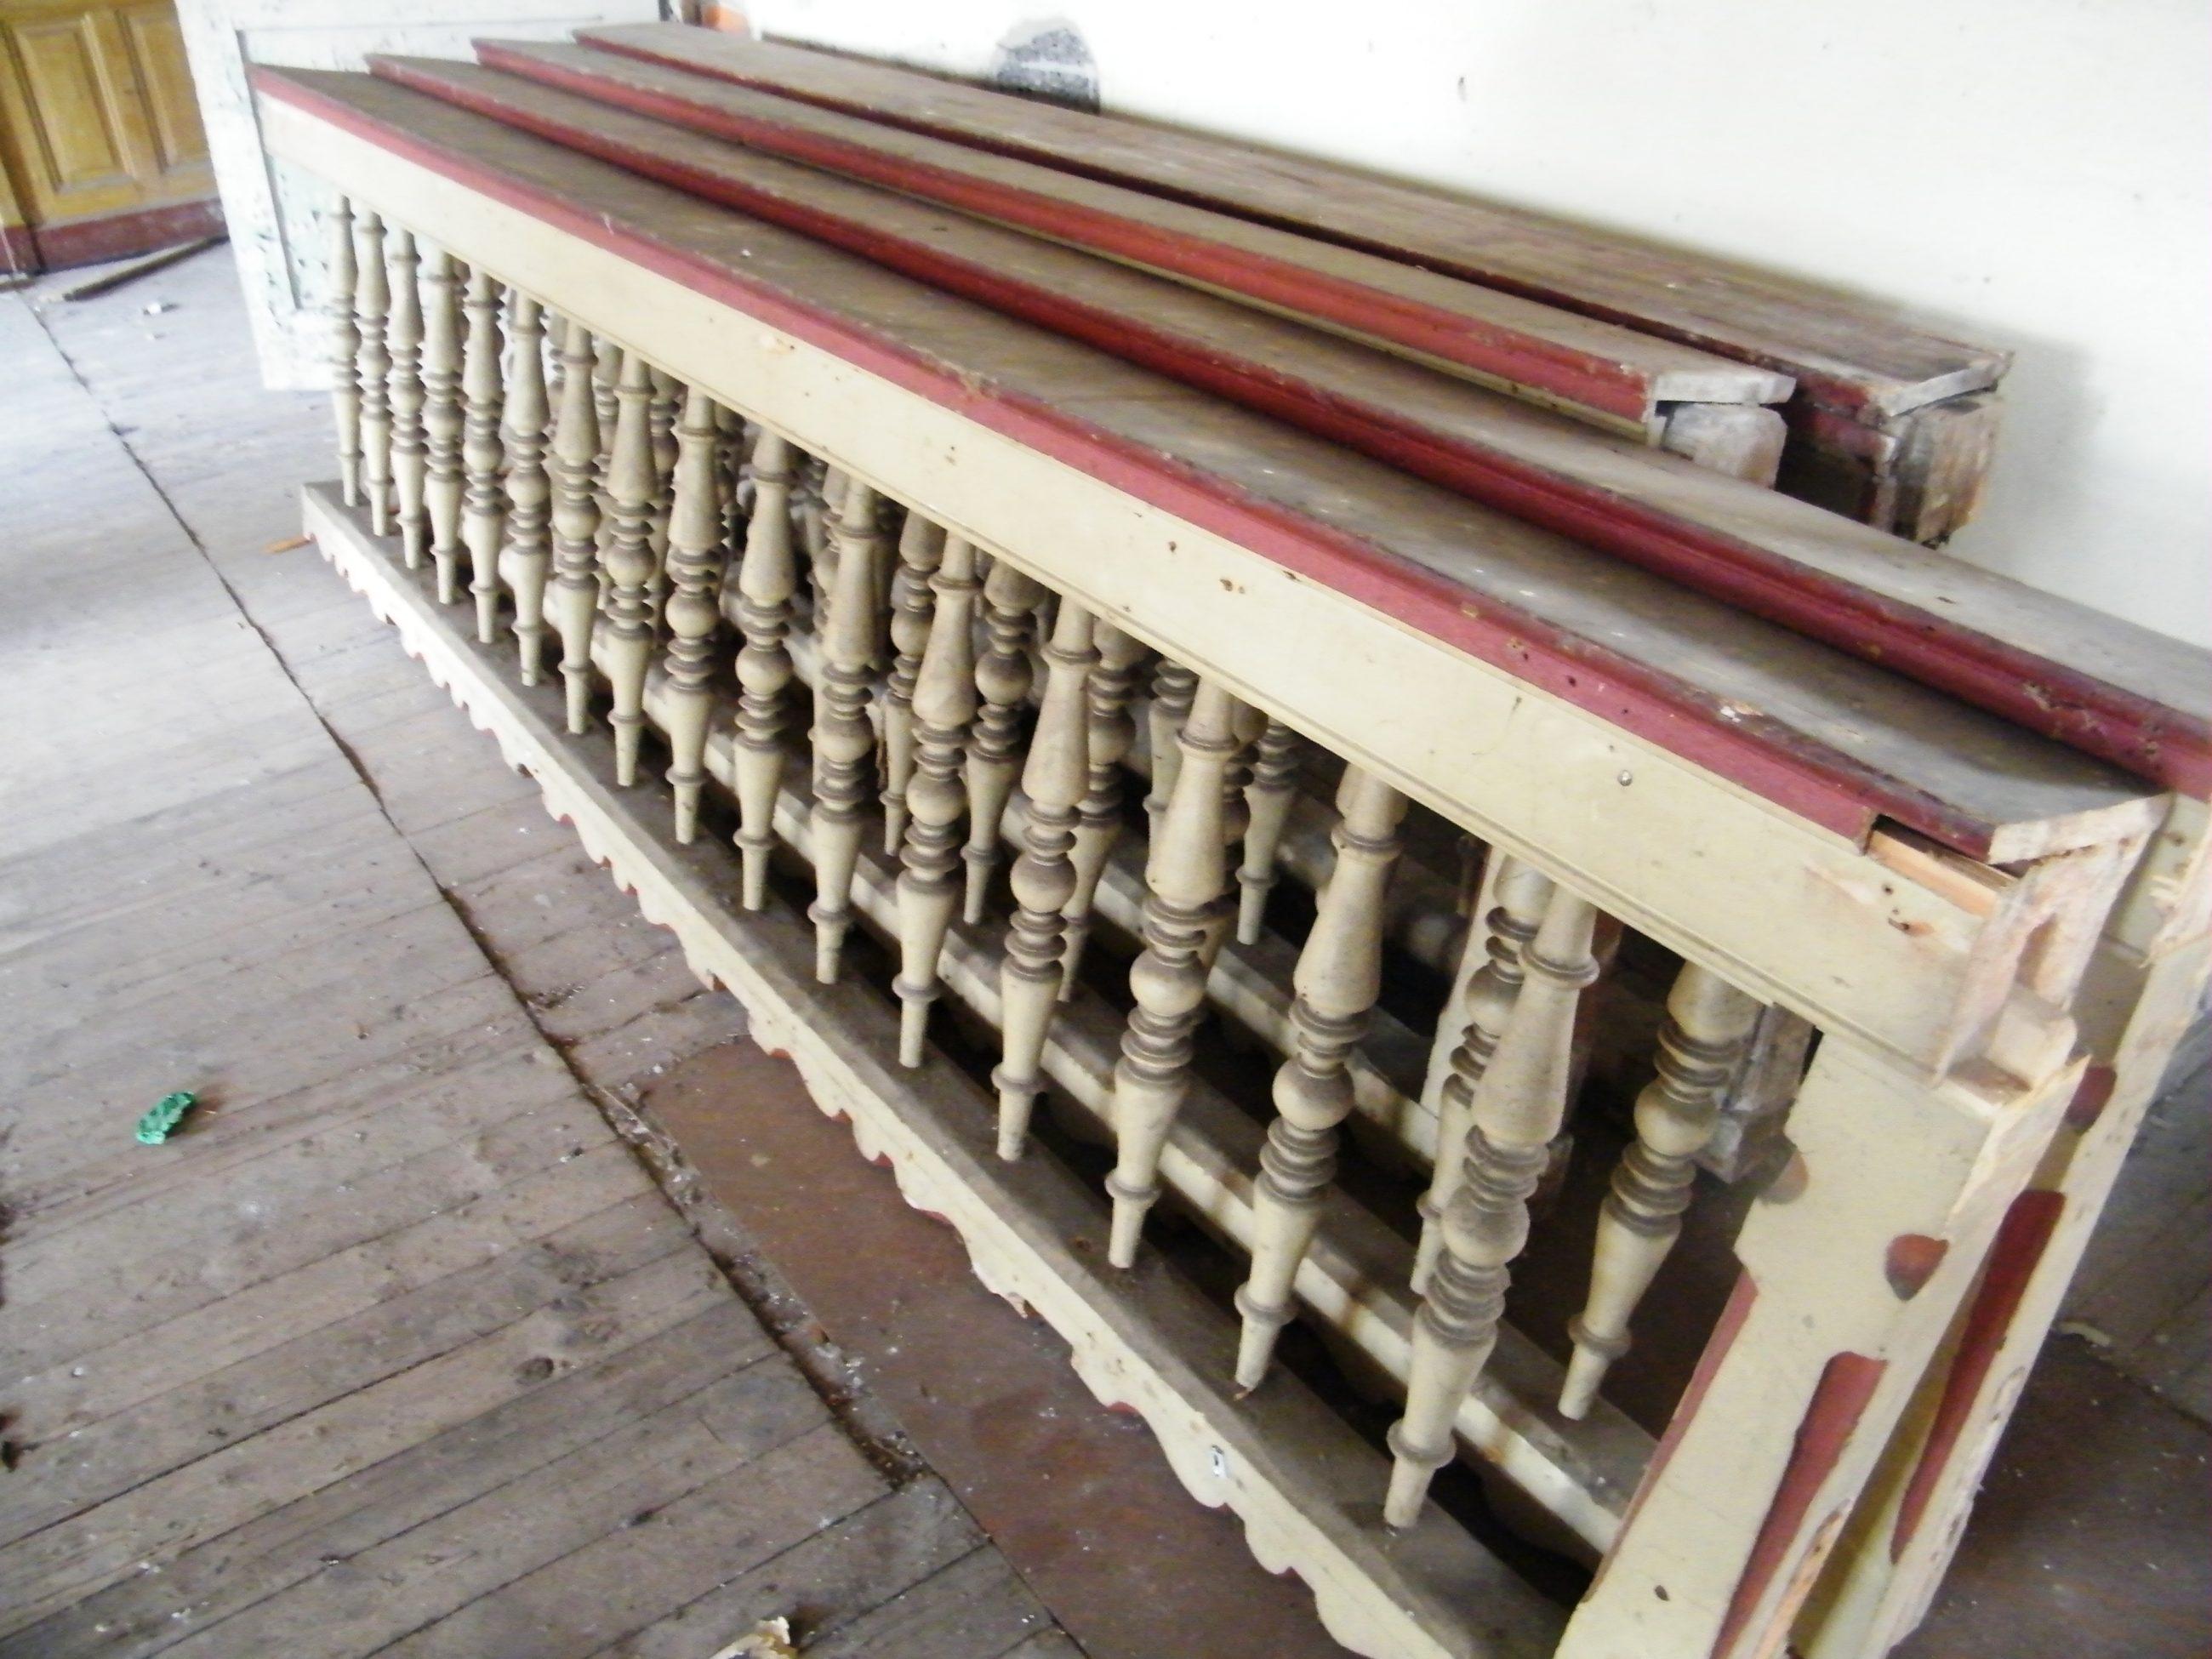 Geländer mit Gebetsbuchablage ca. 13 lfm